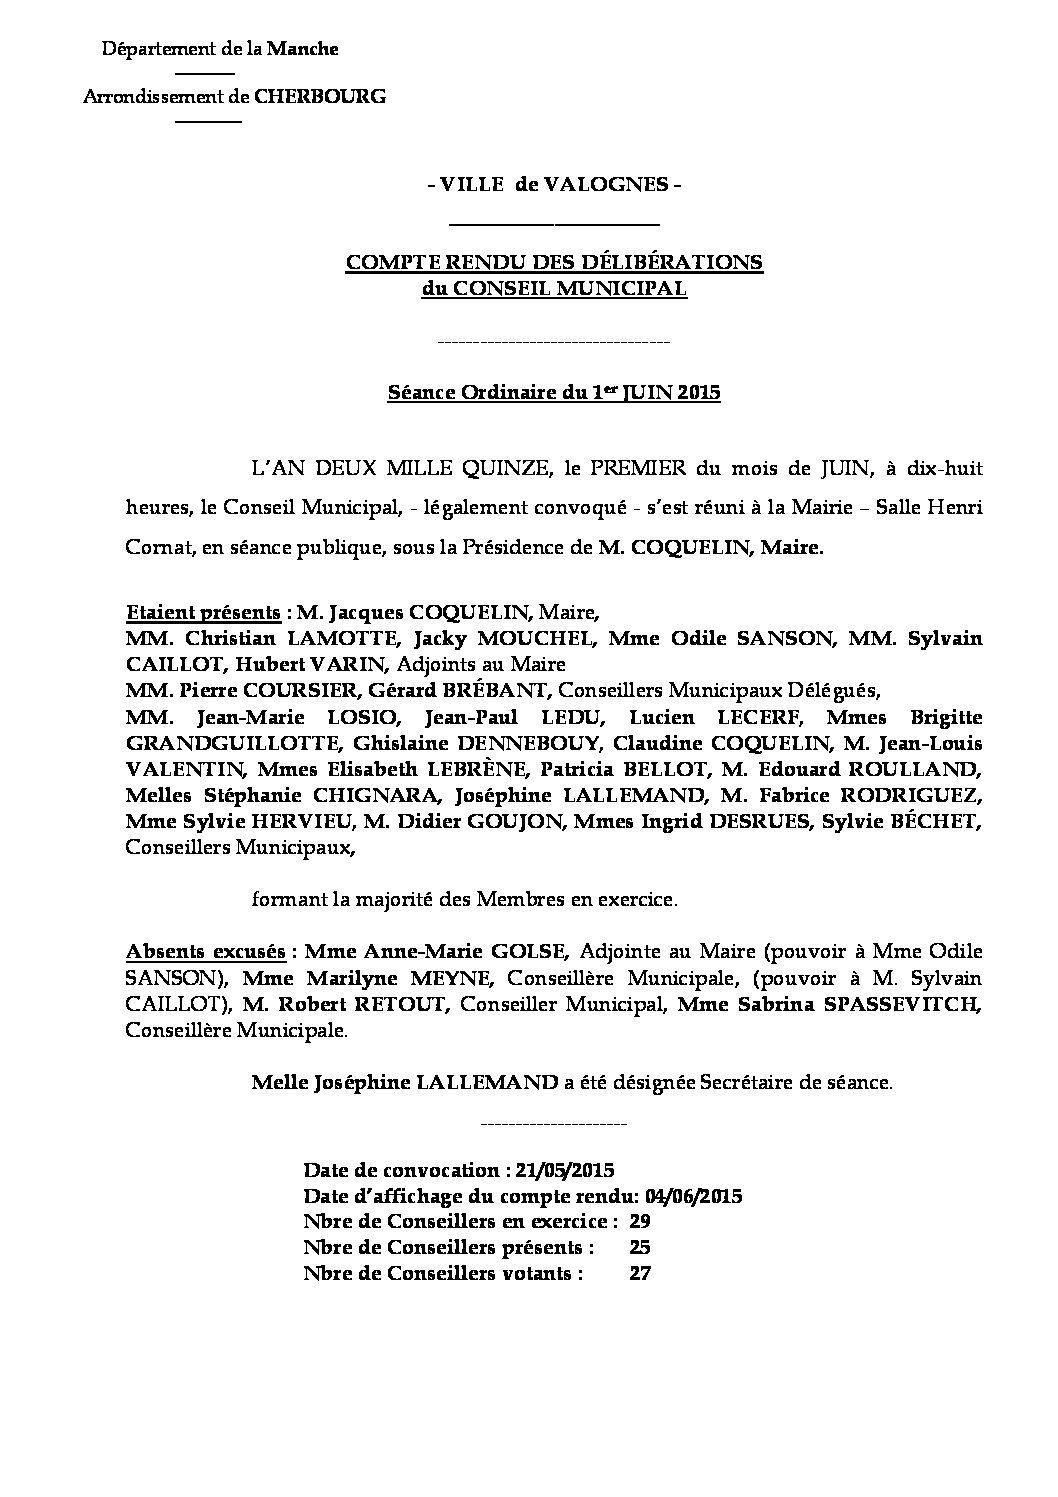 Extrait du registre des délibérations du 01-06-2015 - Compte-rendu des questions soumises à délibération lors de la séance du 1er juin 2015.